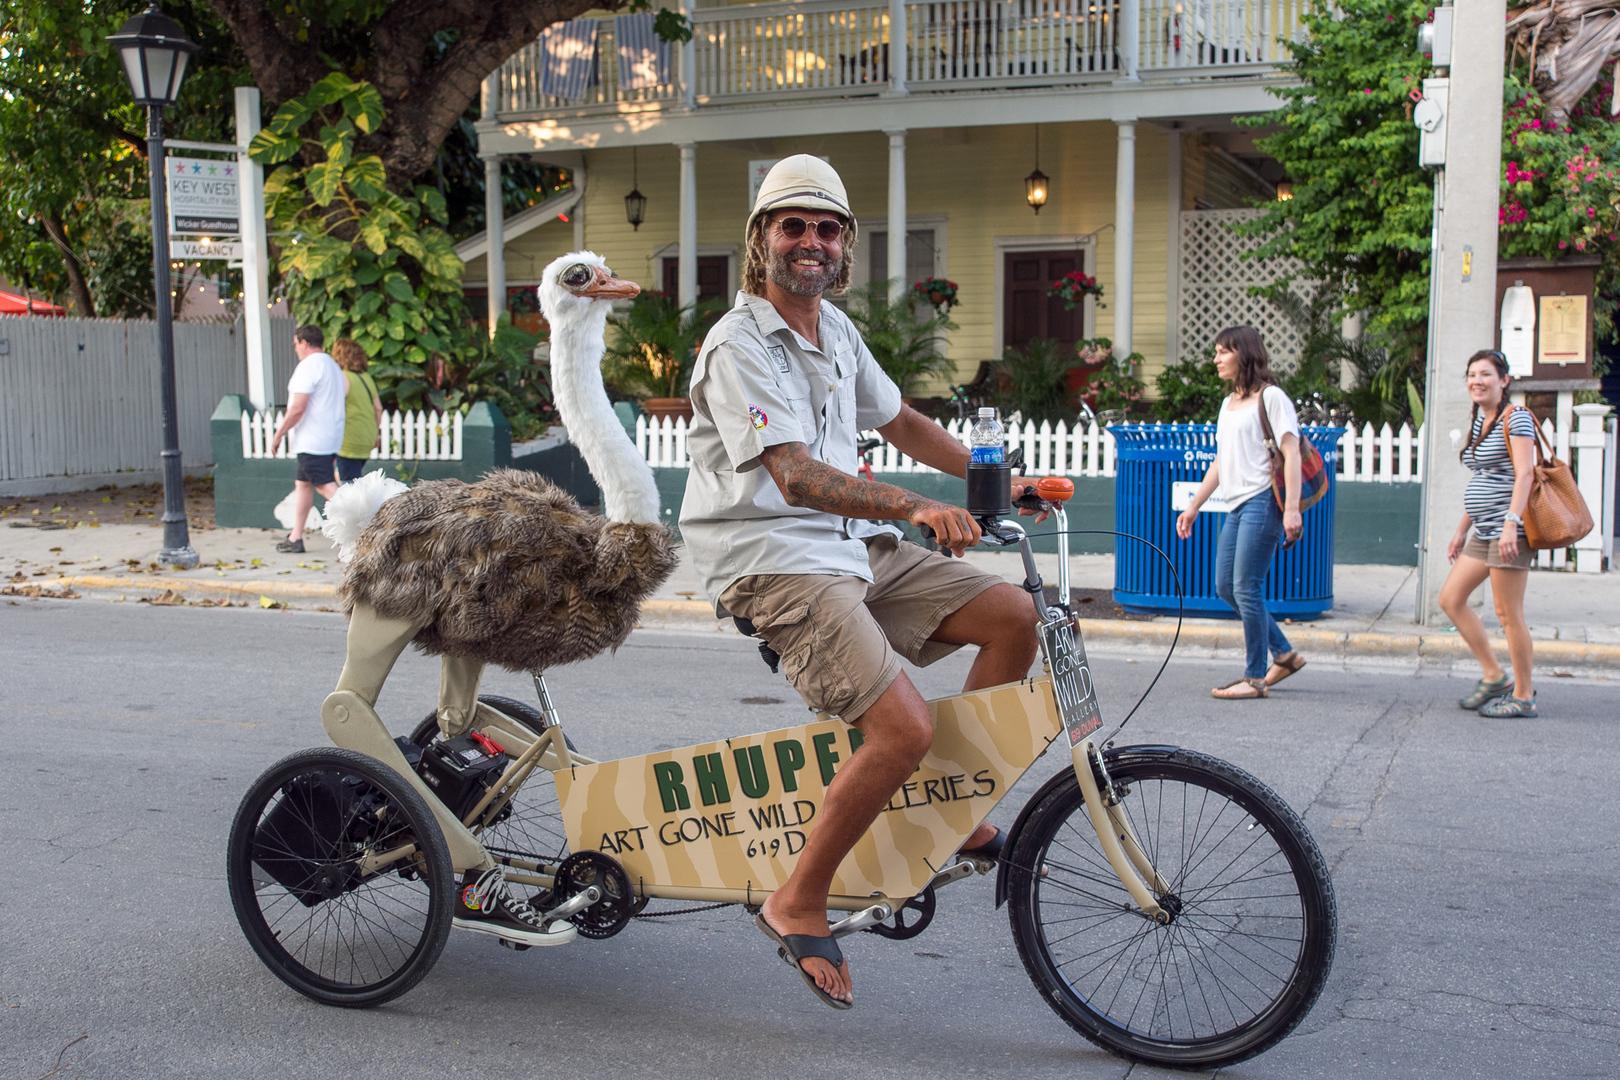 Art gone wild! Key West USA